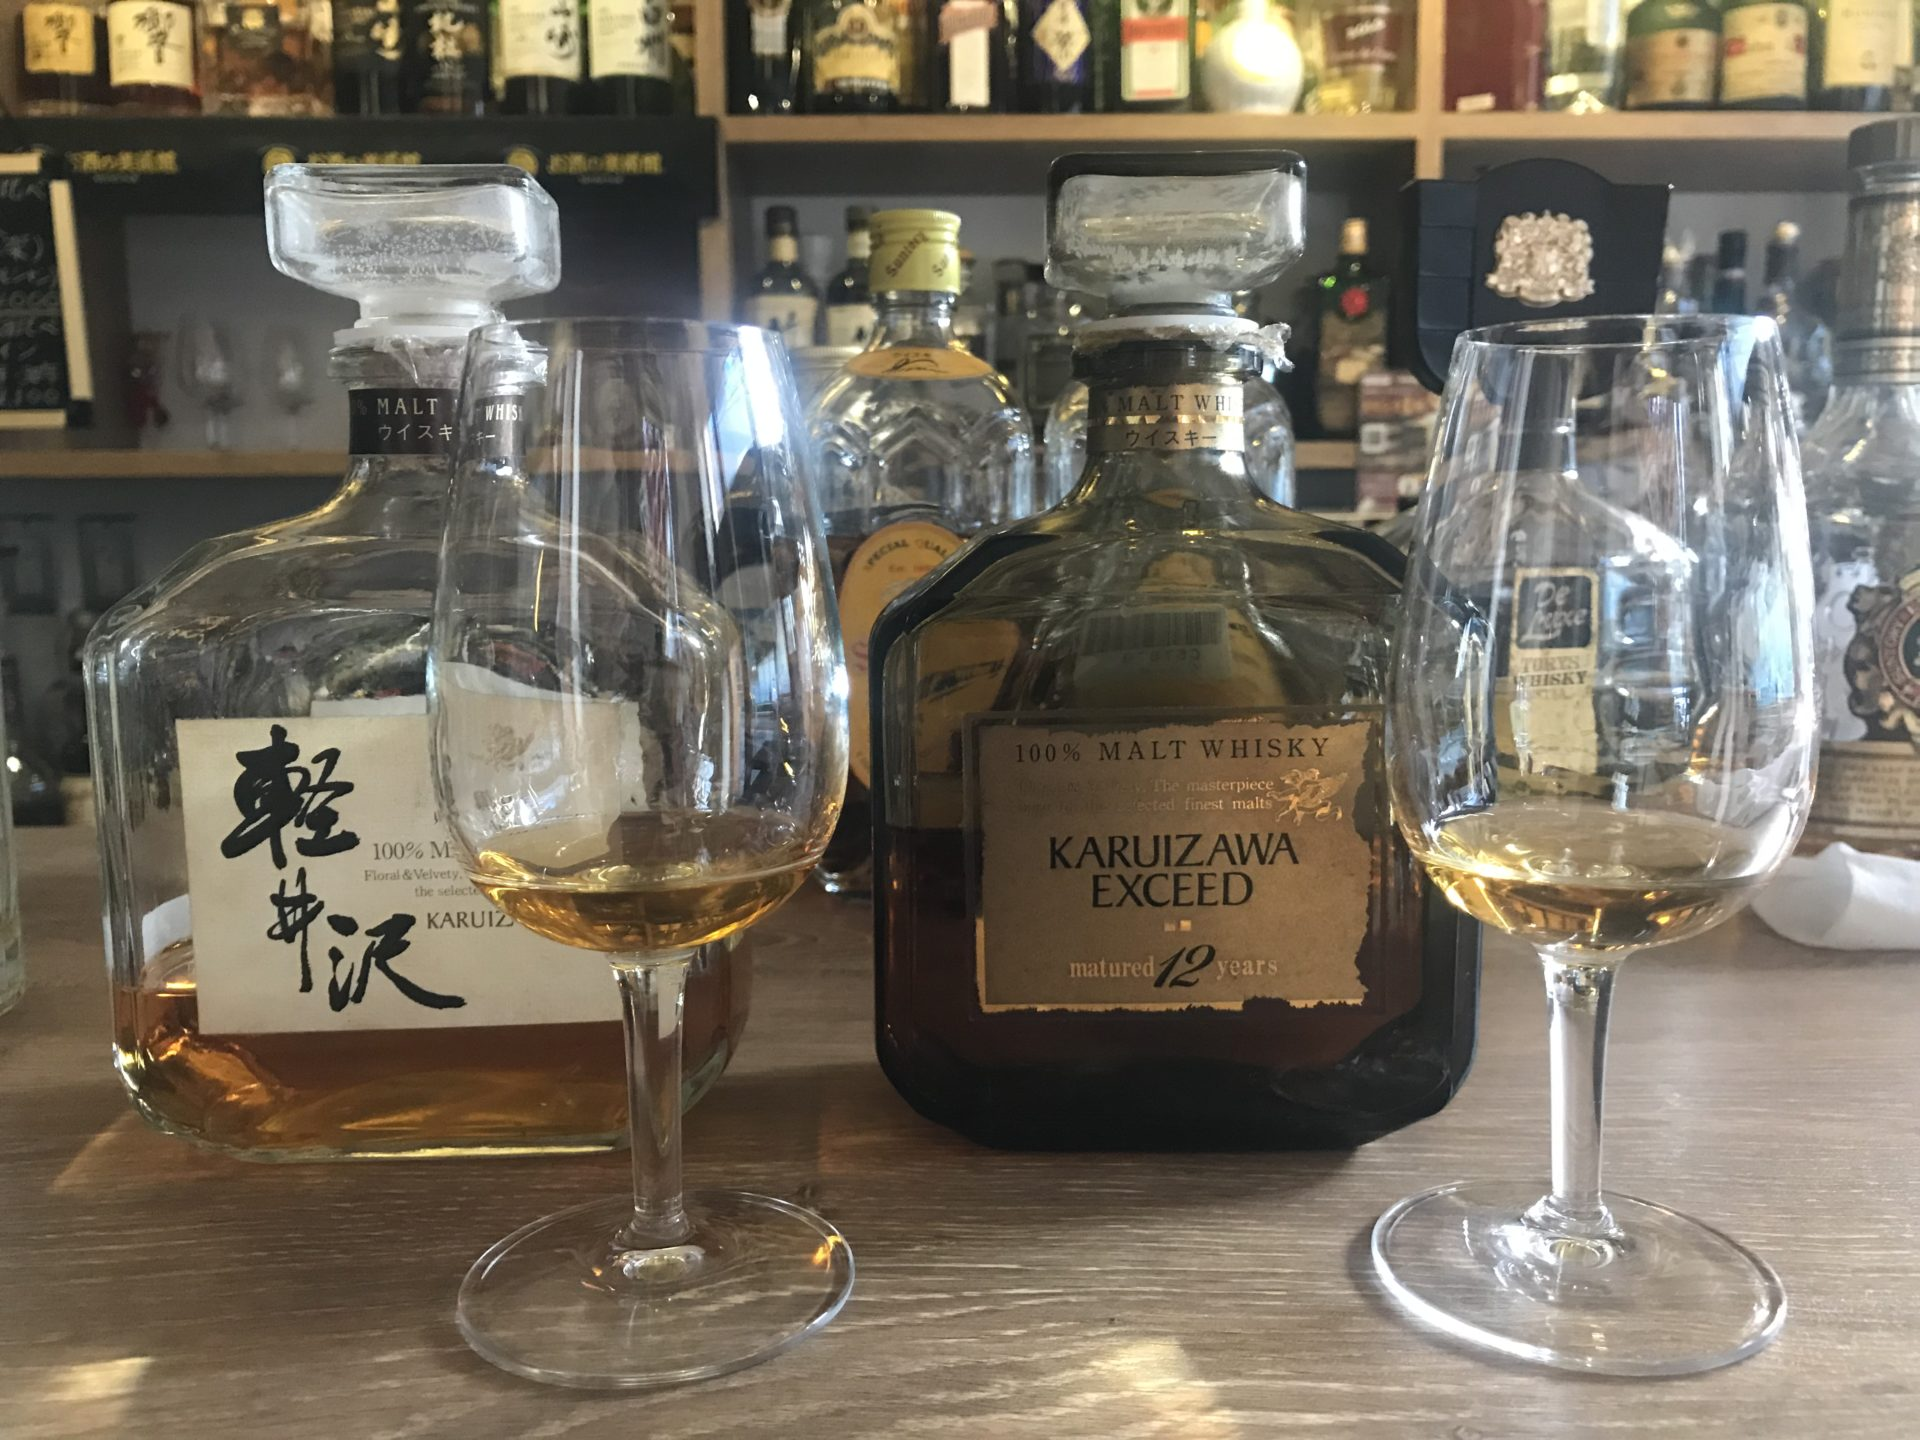 ウイスキーの軽井沢12年と軽井沢8年